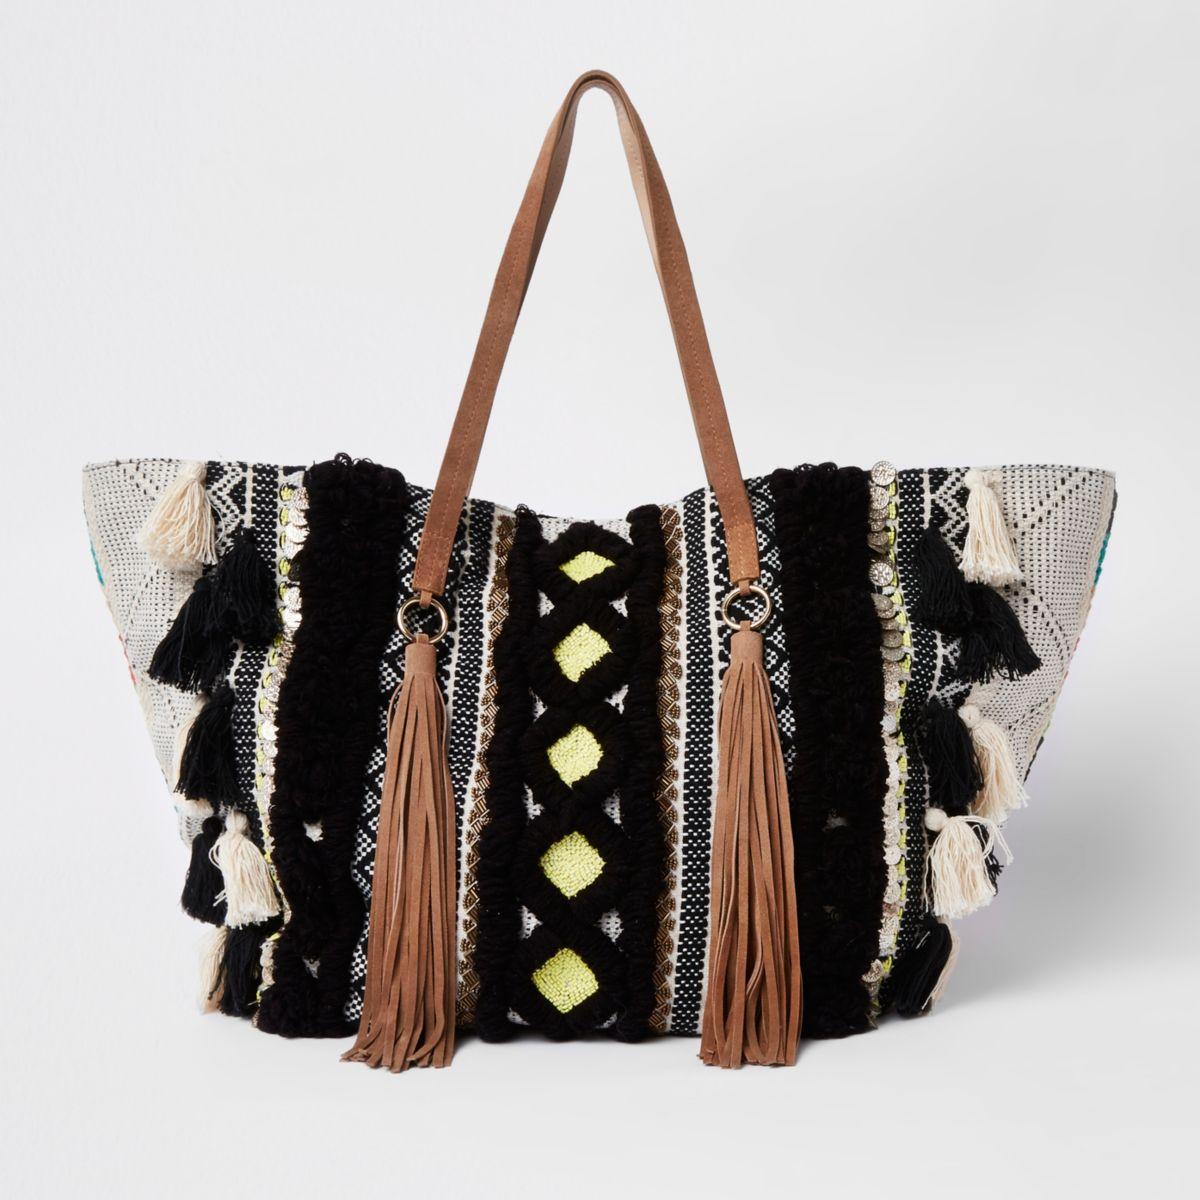 Black large tassel tote shopper